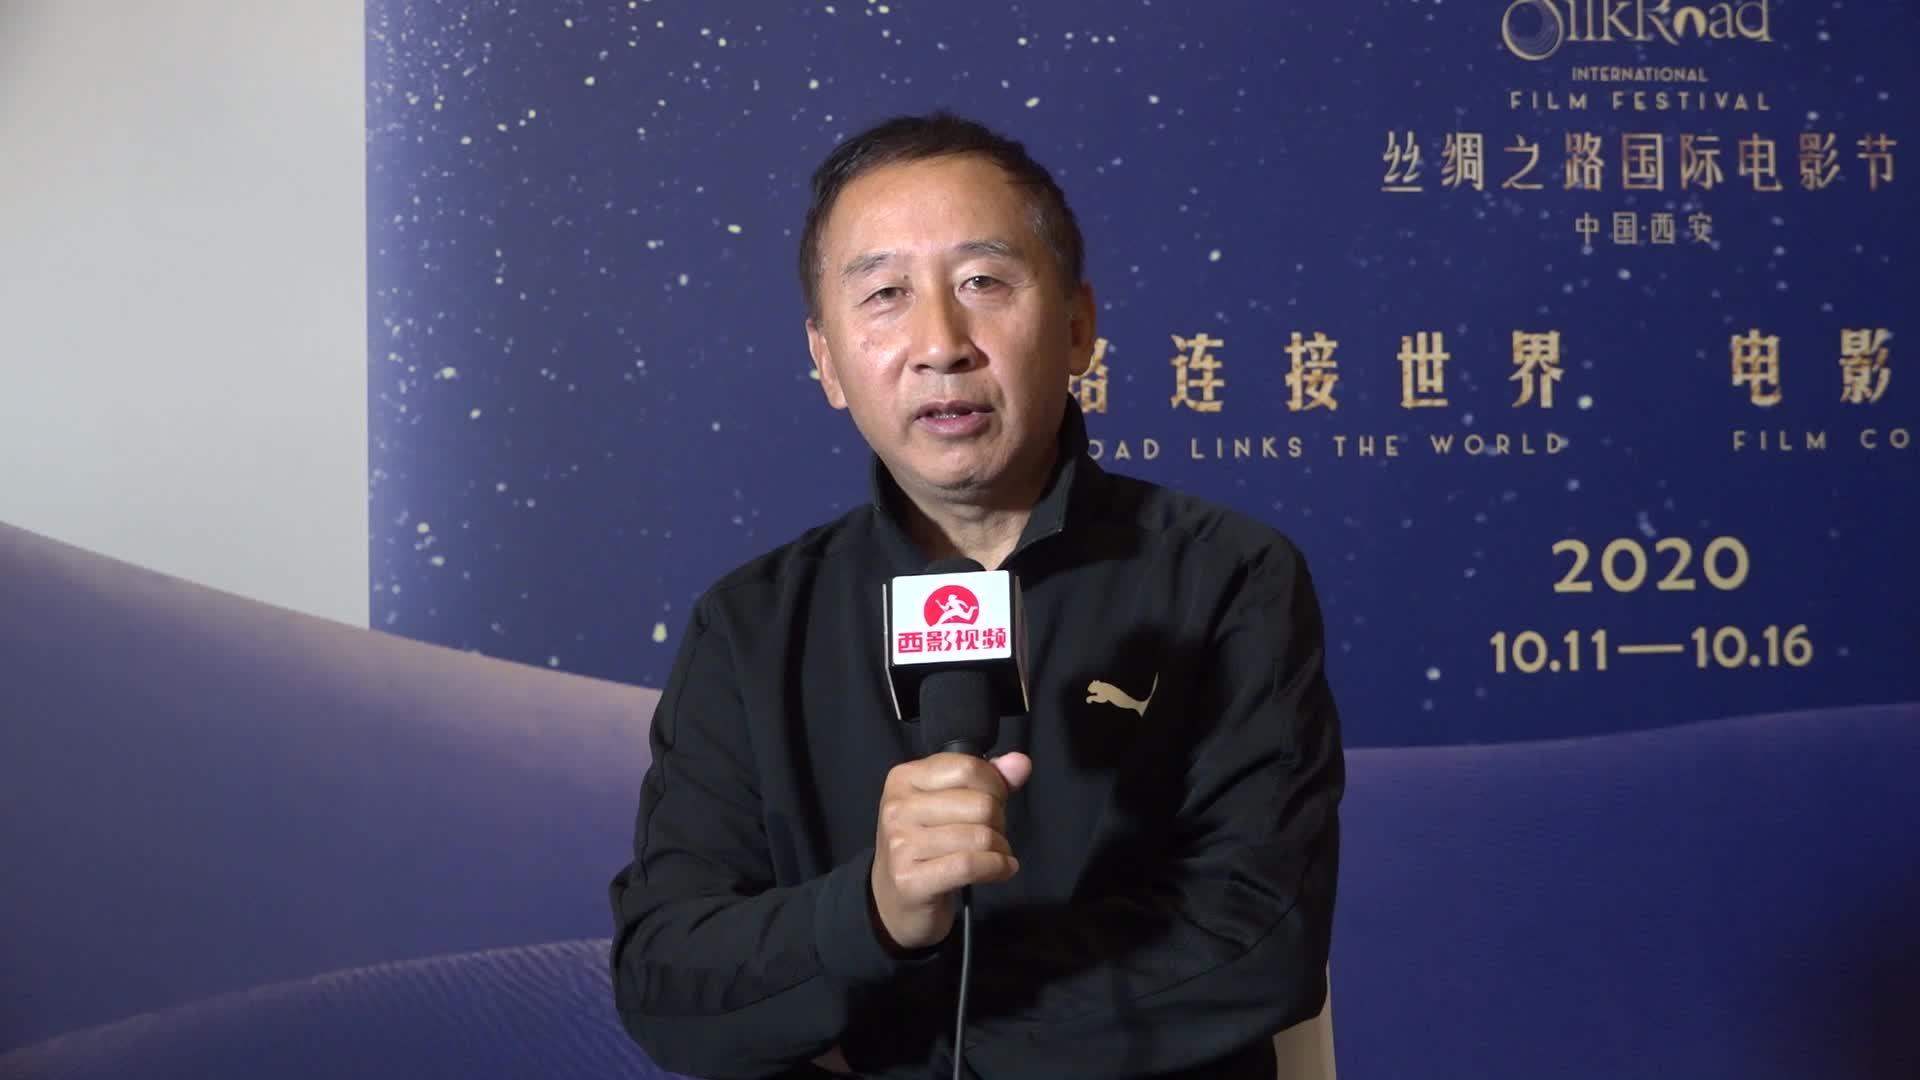 《永远是少年》亮相丝路国际电影节 导演冯小宁分享创作灵感及影片内涵